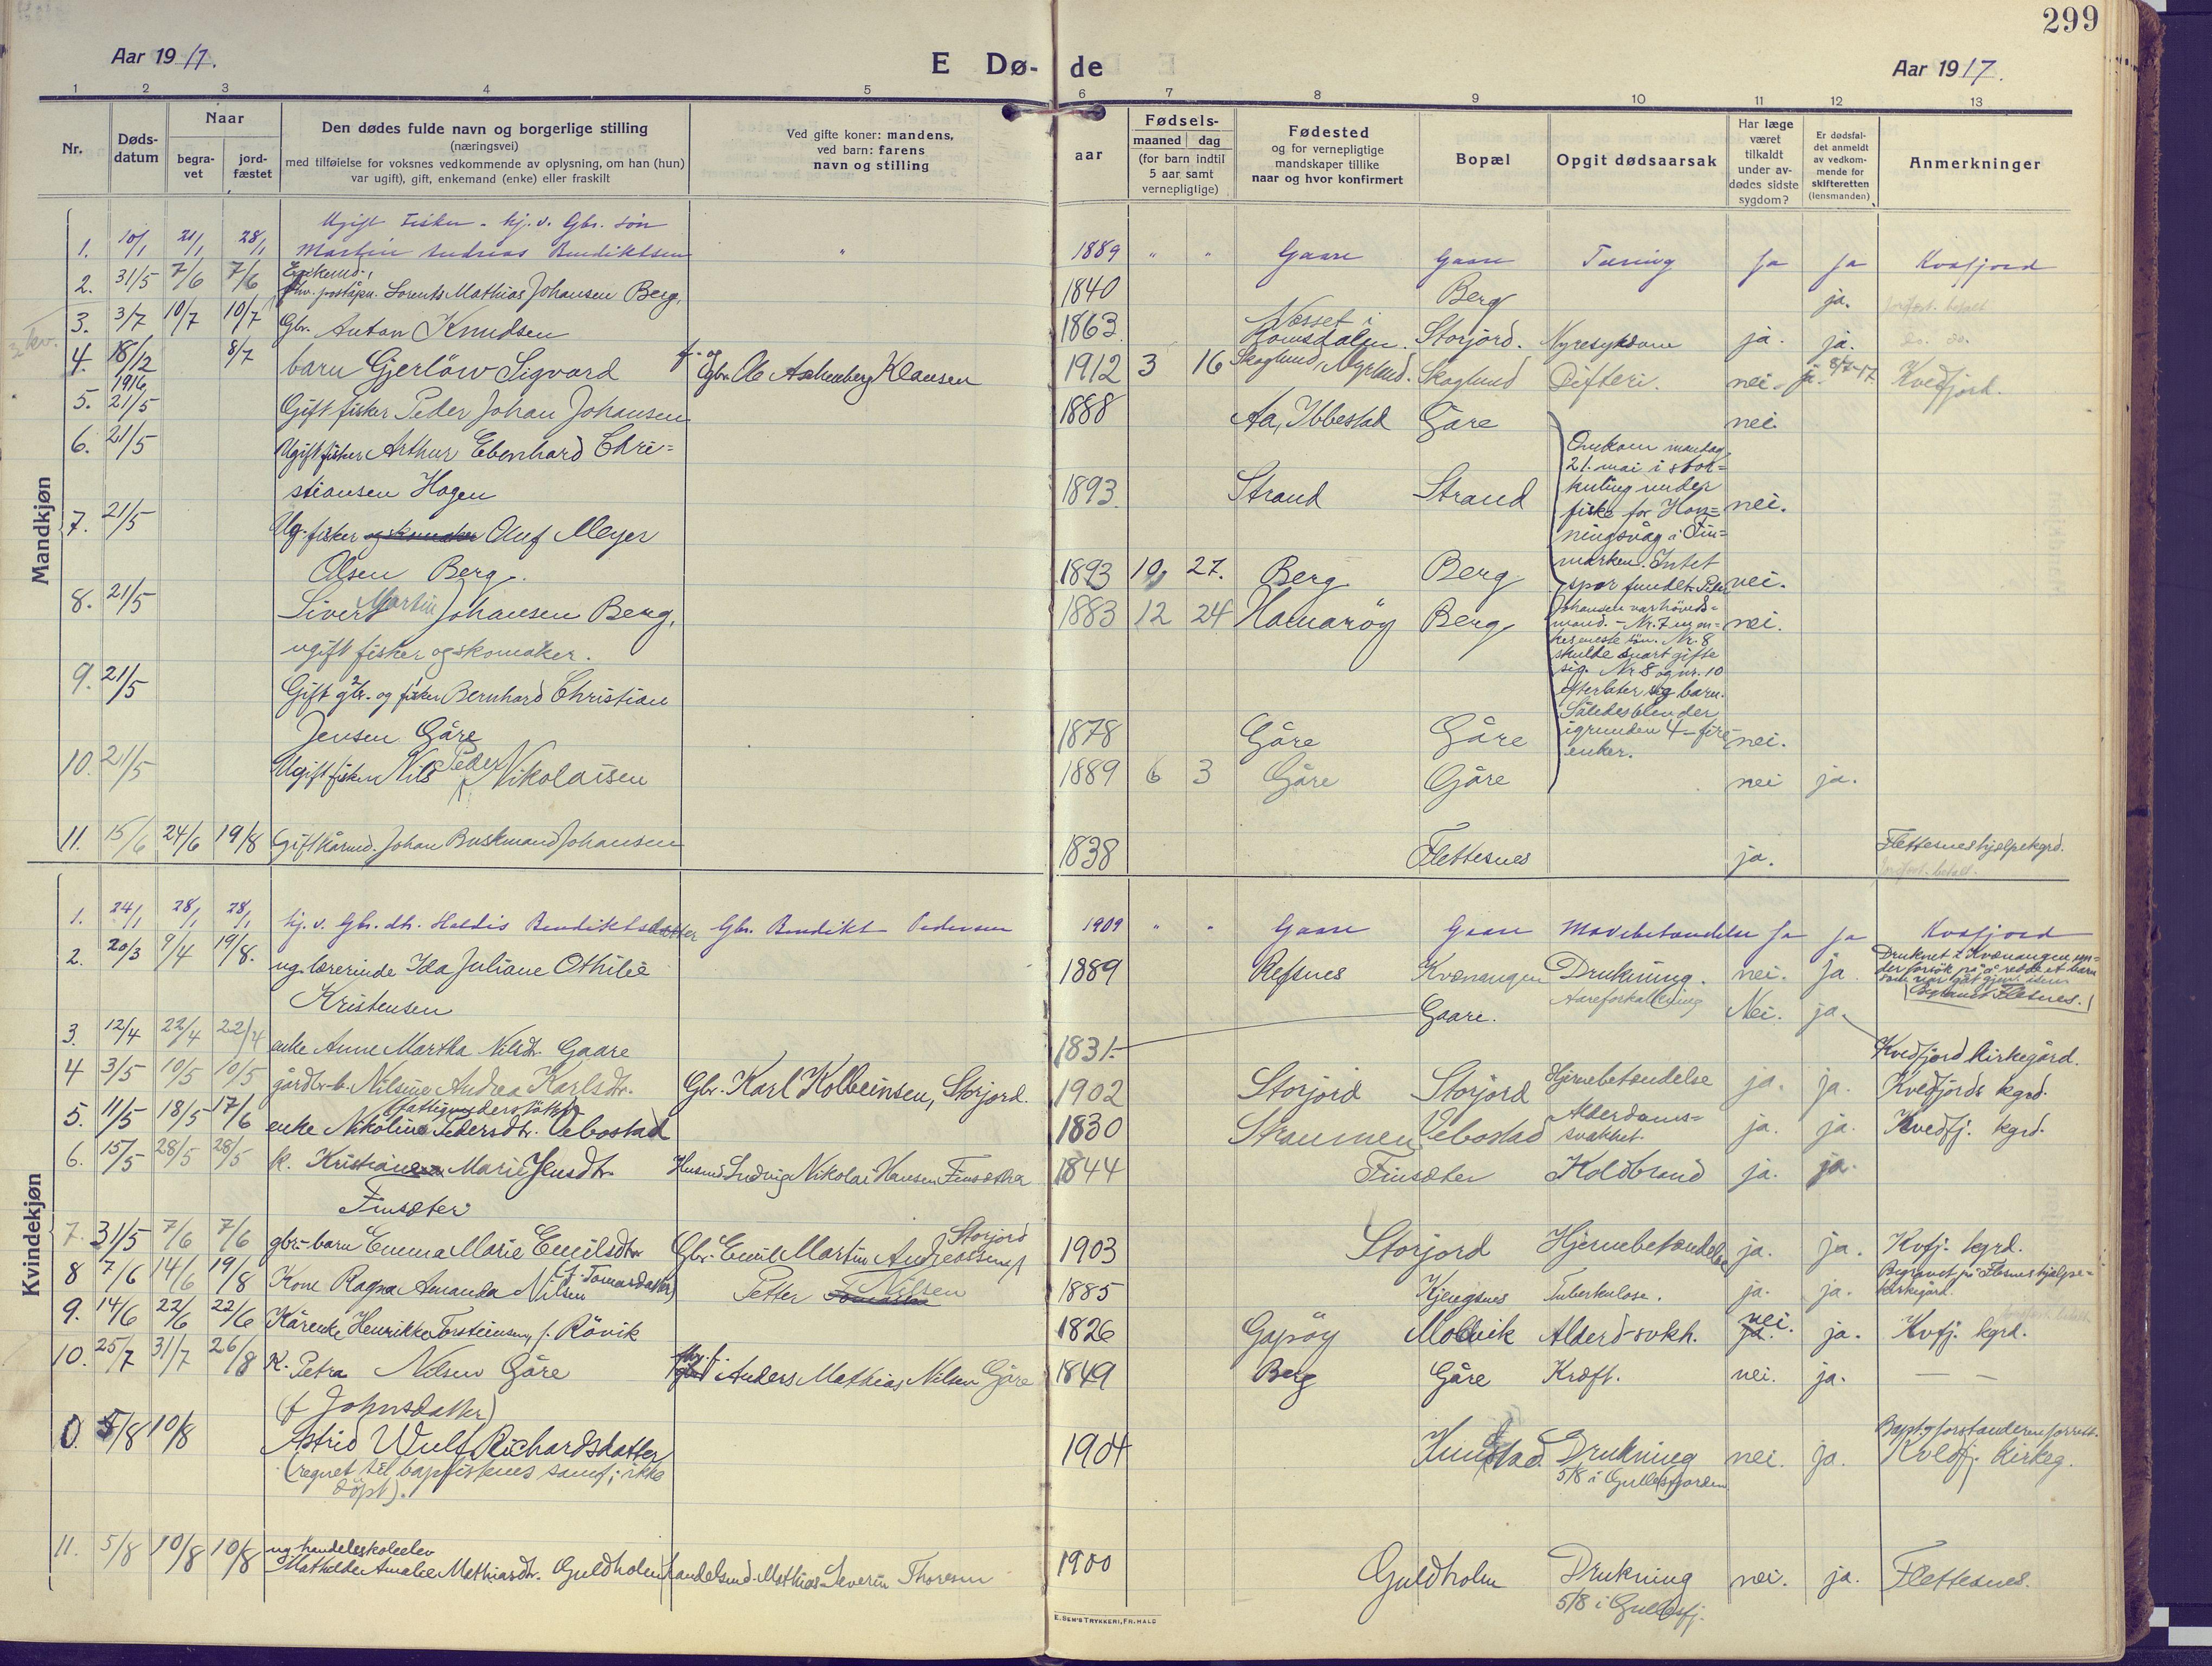 SATØ, Kvæfjord sokneprestkontor, G/Ga/Gaa/L0007kirke: Ministerialbok nr. 7, 1915-1931, s. 299